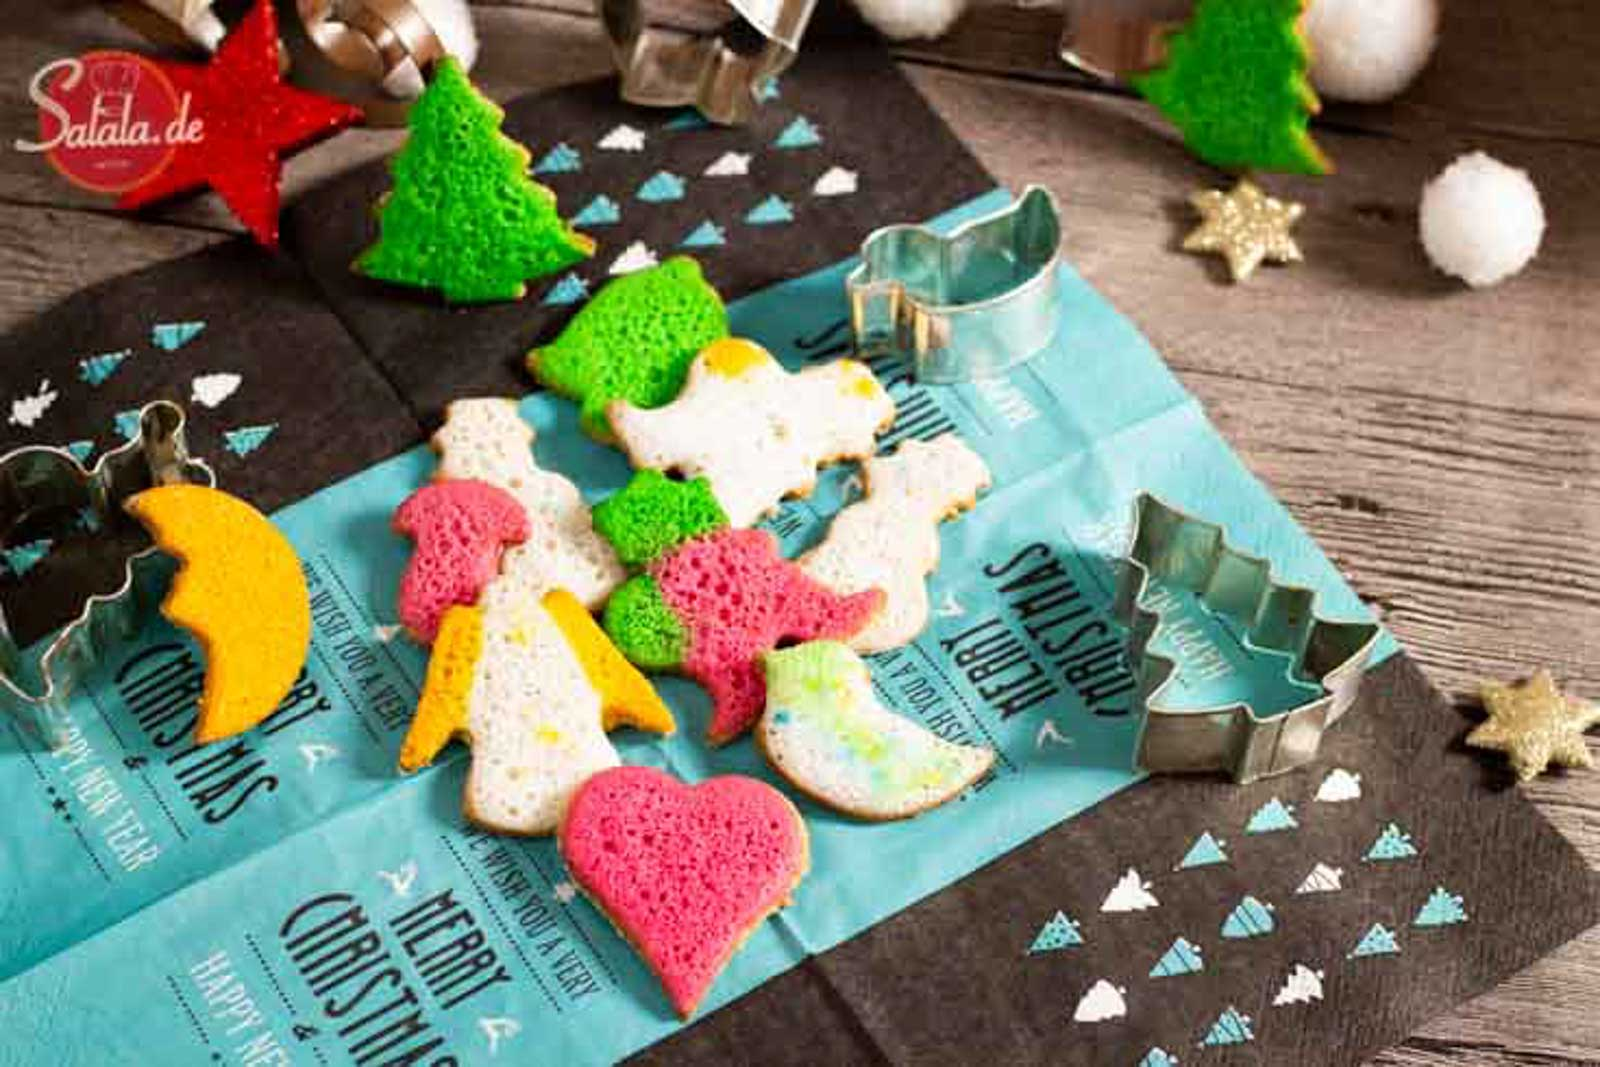 Butterplätzchen - by salala.de - ohne Mehl und ohne Zucker zu Weihnachten I Low Carb Plätzchen Rezept #butterplätzchen #lowcarb #plätzchen #lowcarbbacken #backen #weihnachten #lchf #ohnezucker #glutenfrei #ohnemehl #lowcarbplätzchen #lowcarbweihnachten